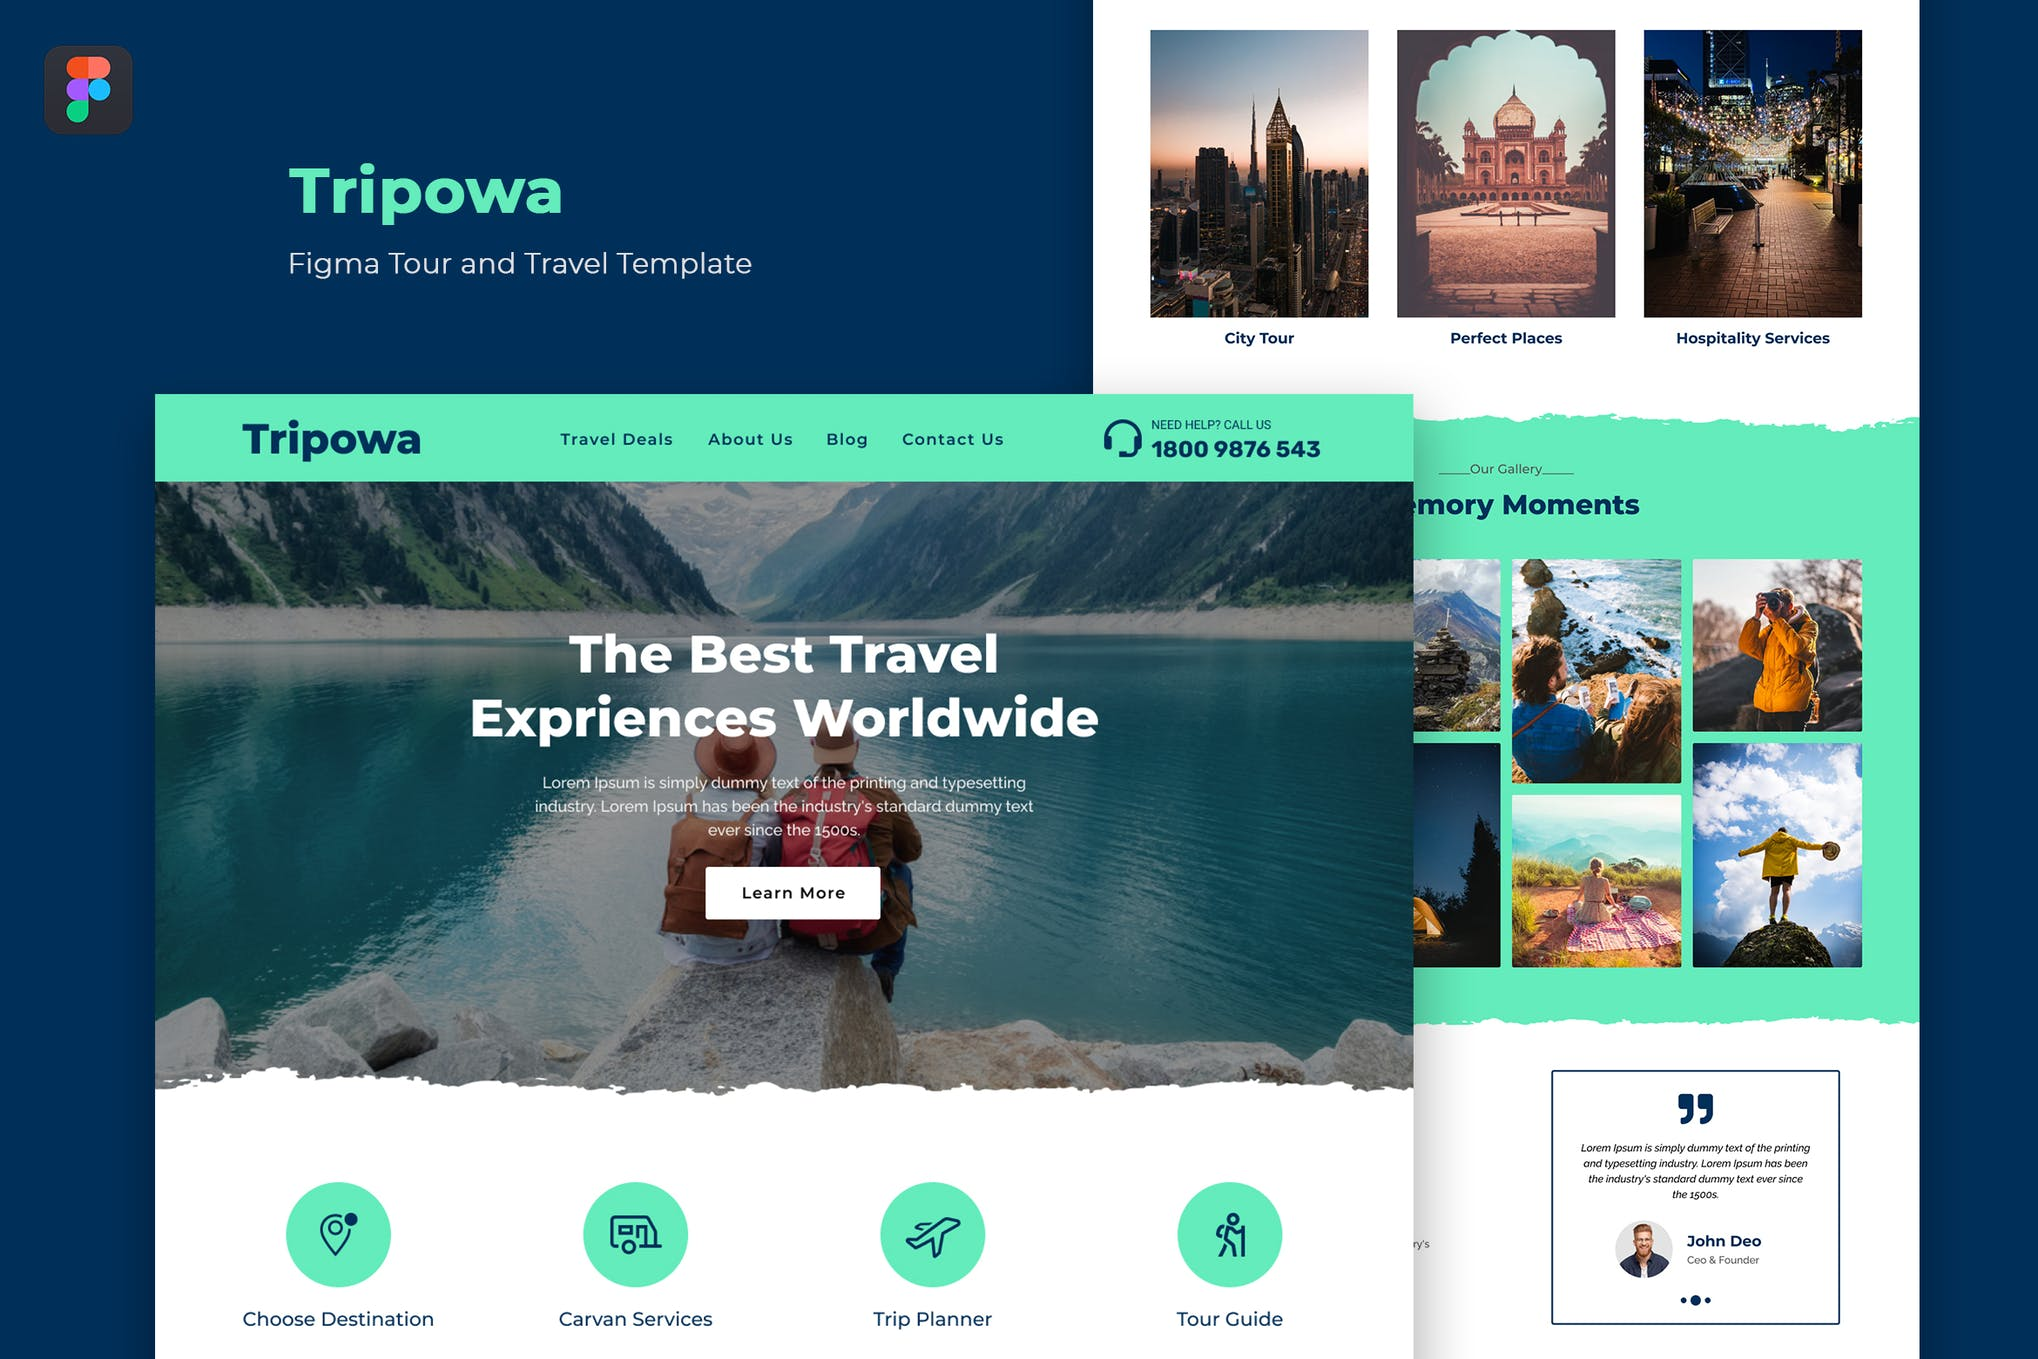 Tripowa — Figma Tour and Travel Template